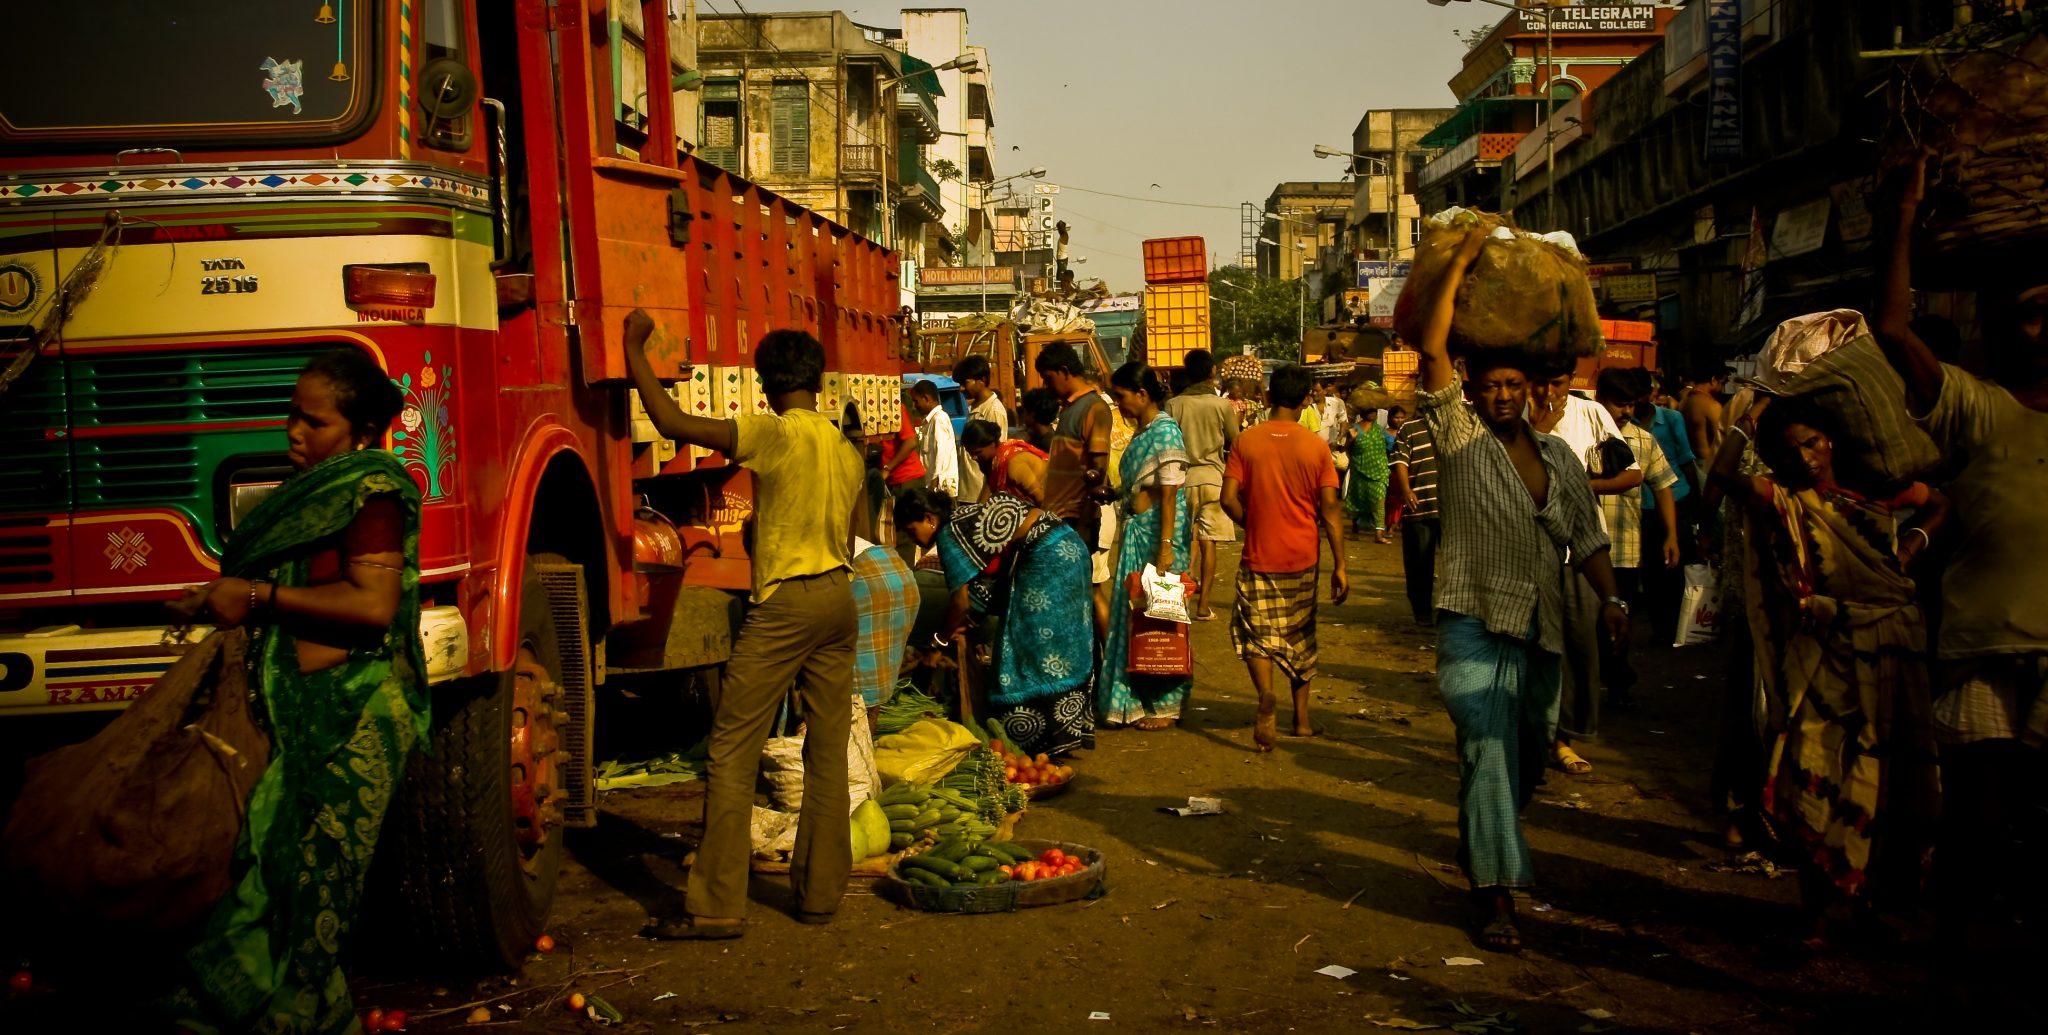 Streets of Calcutta